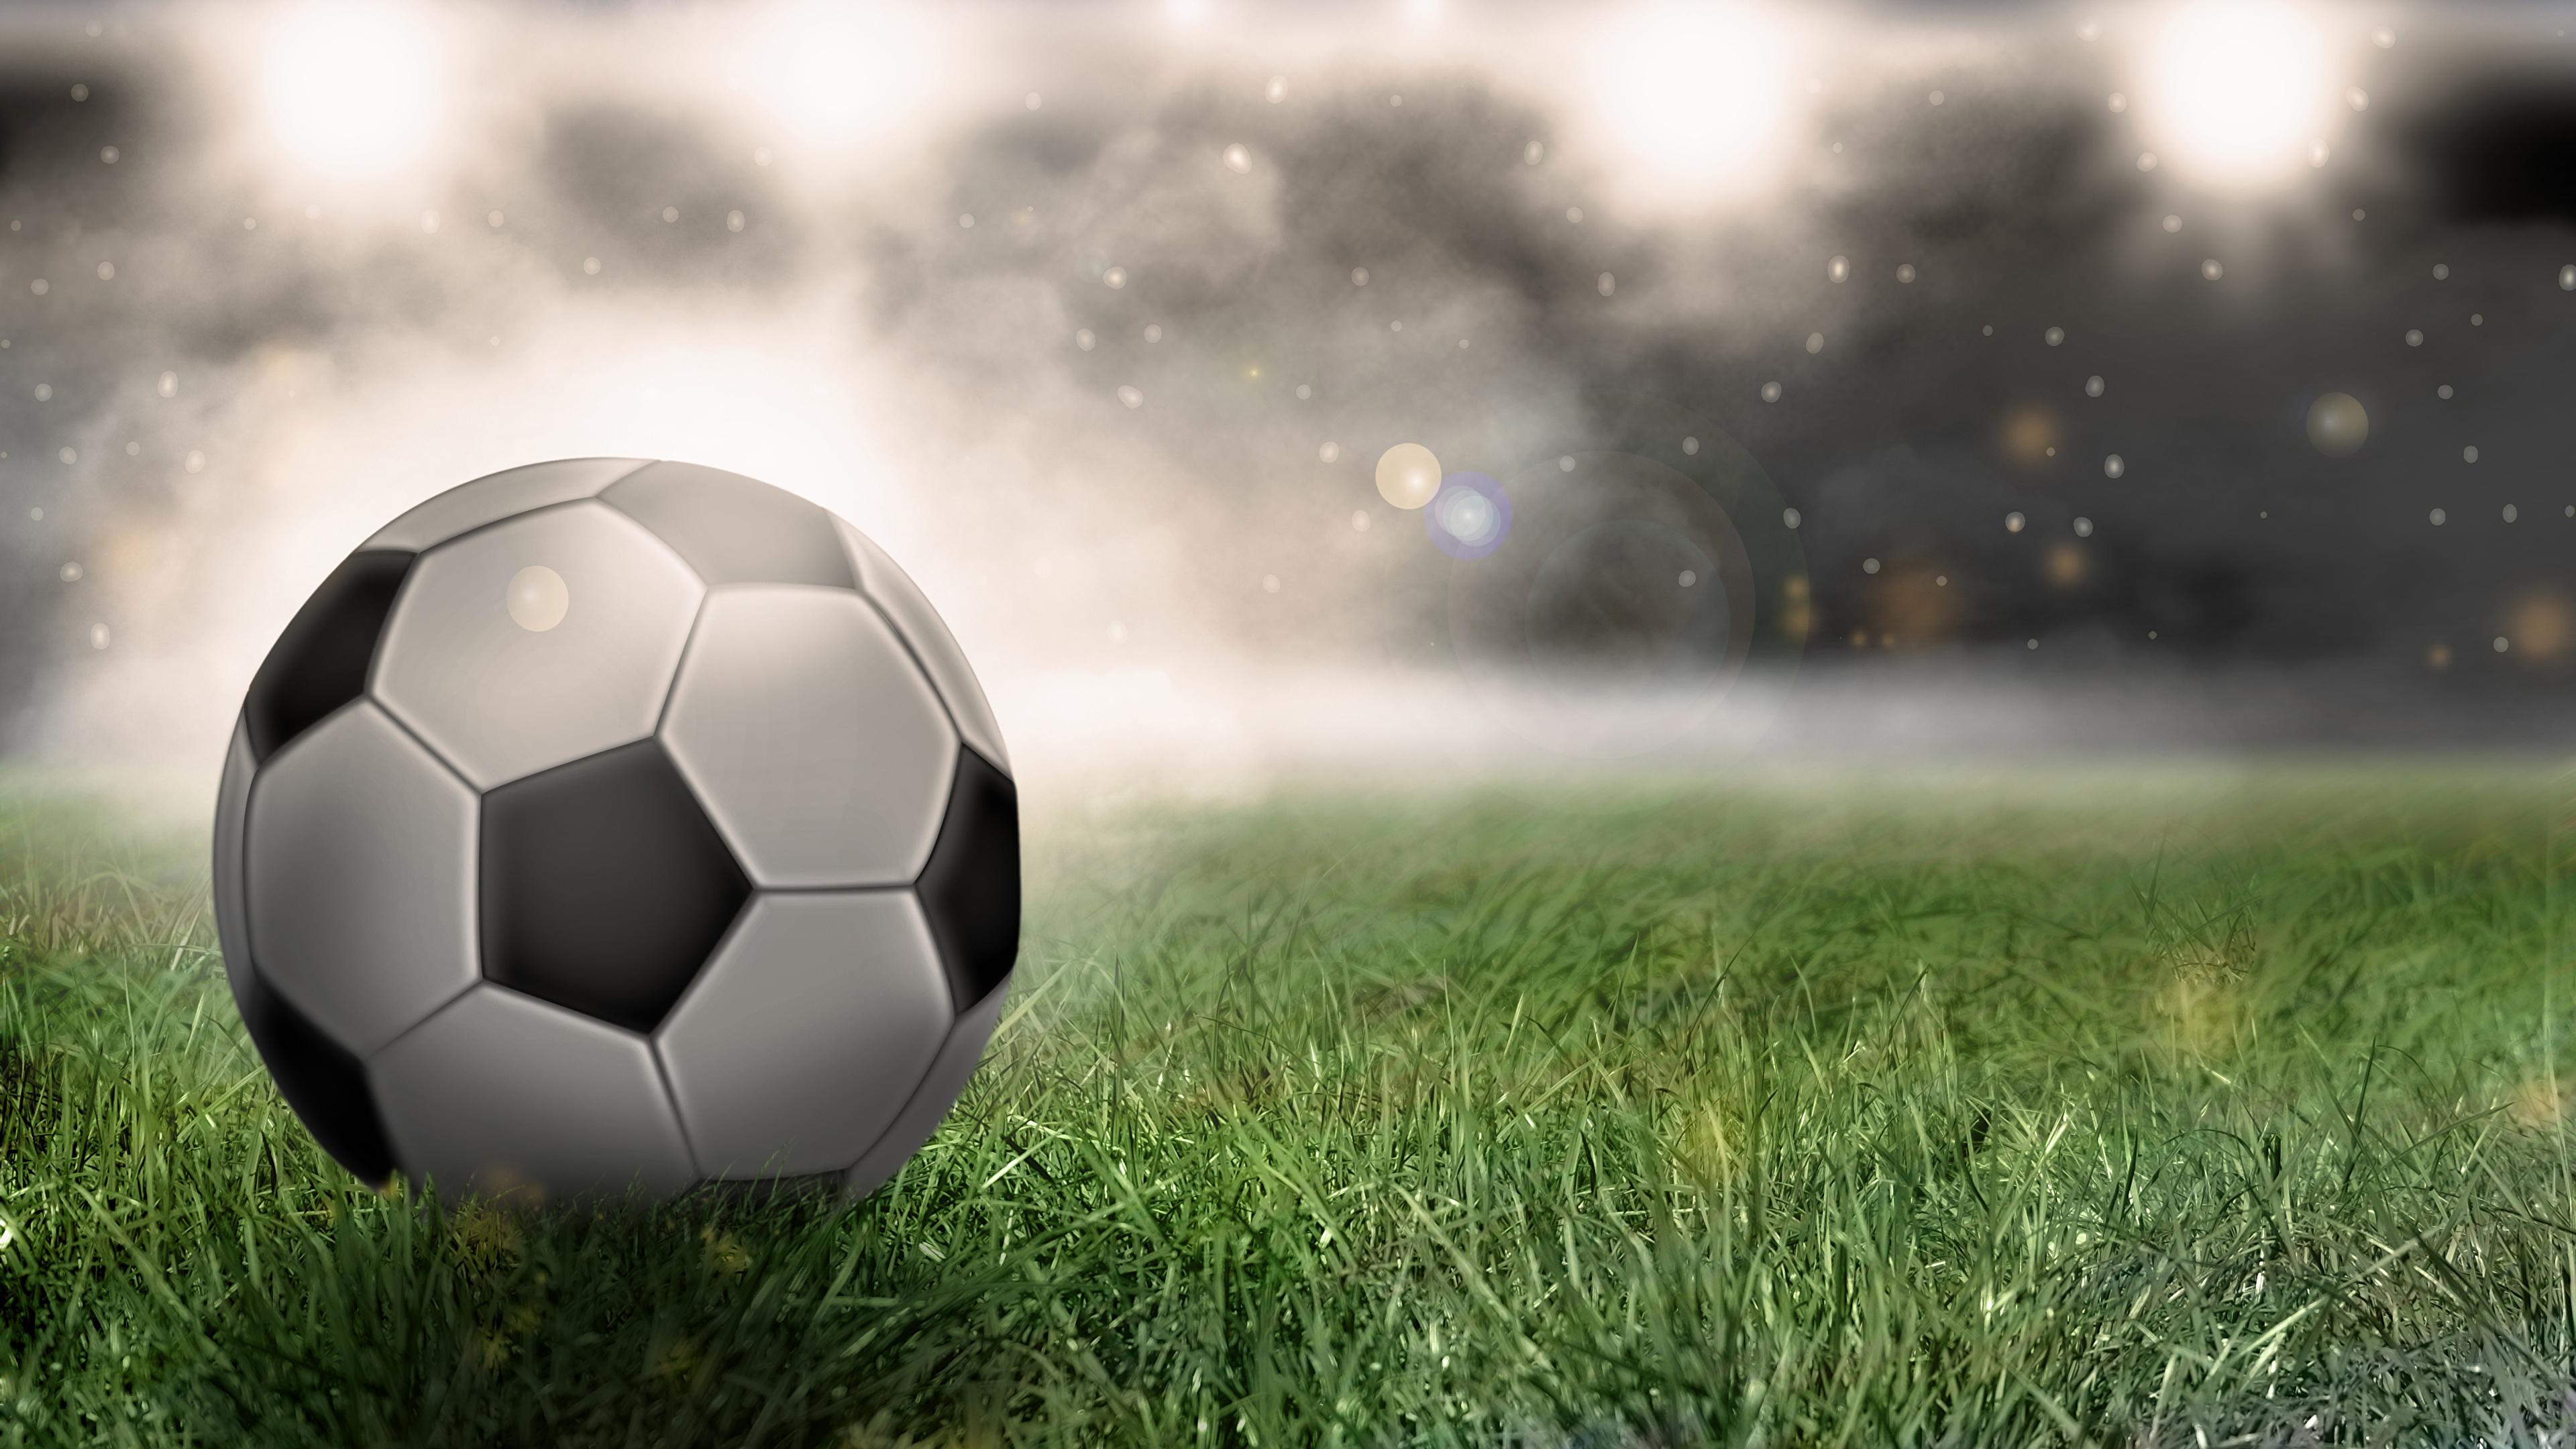 Fußball Hintergrundbilder